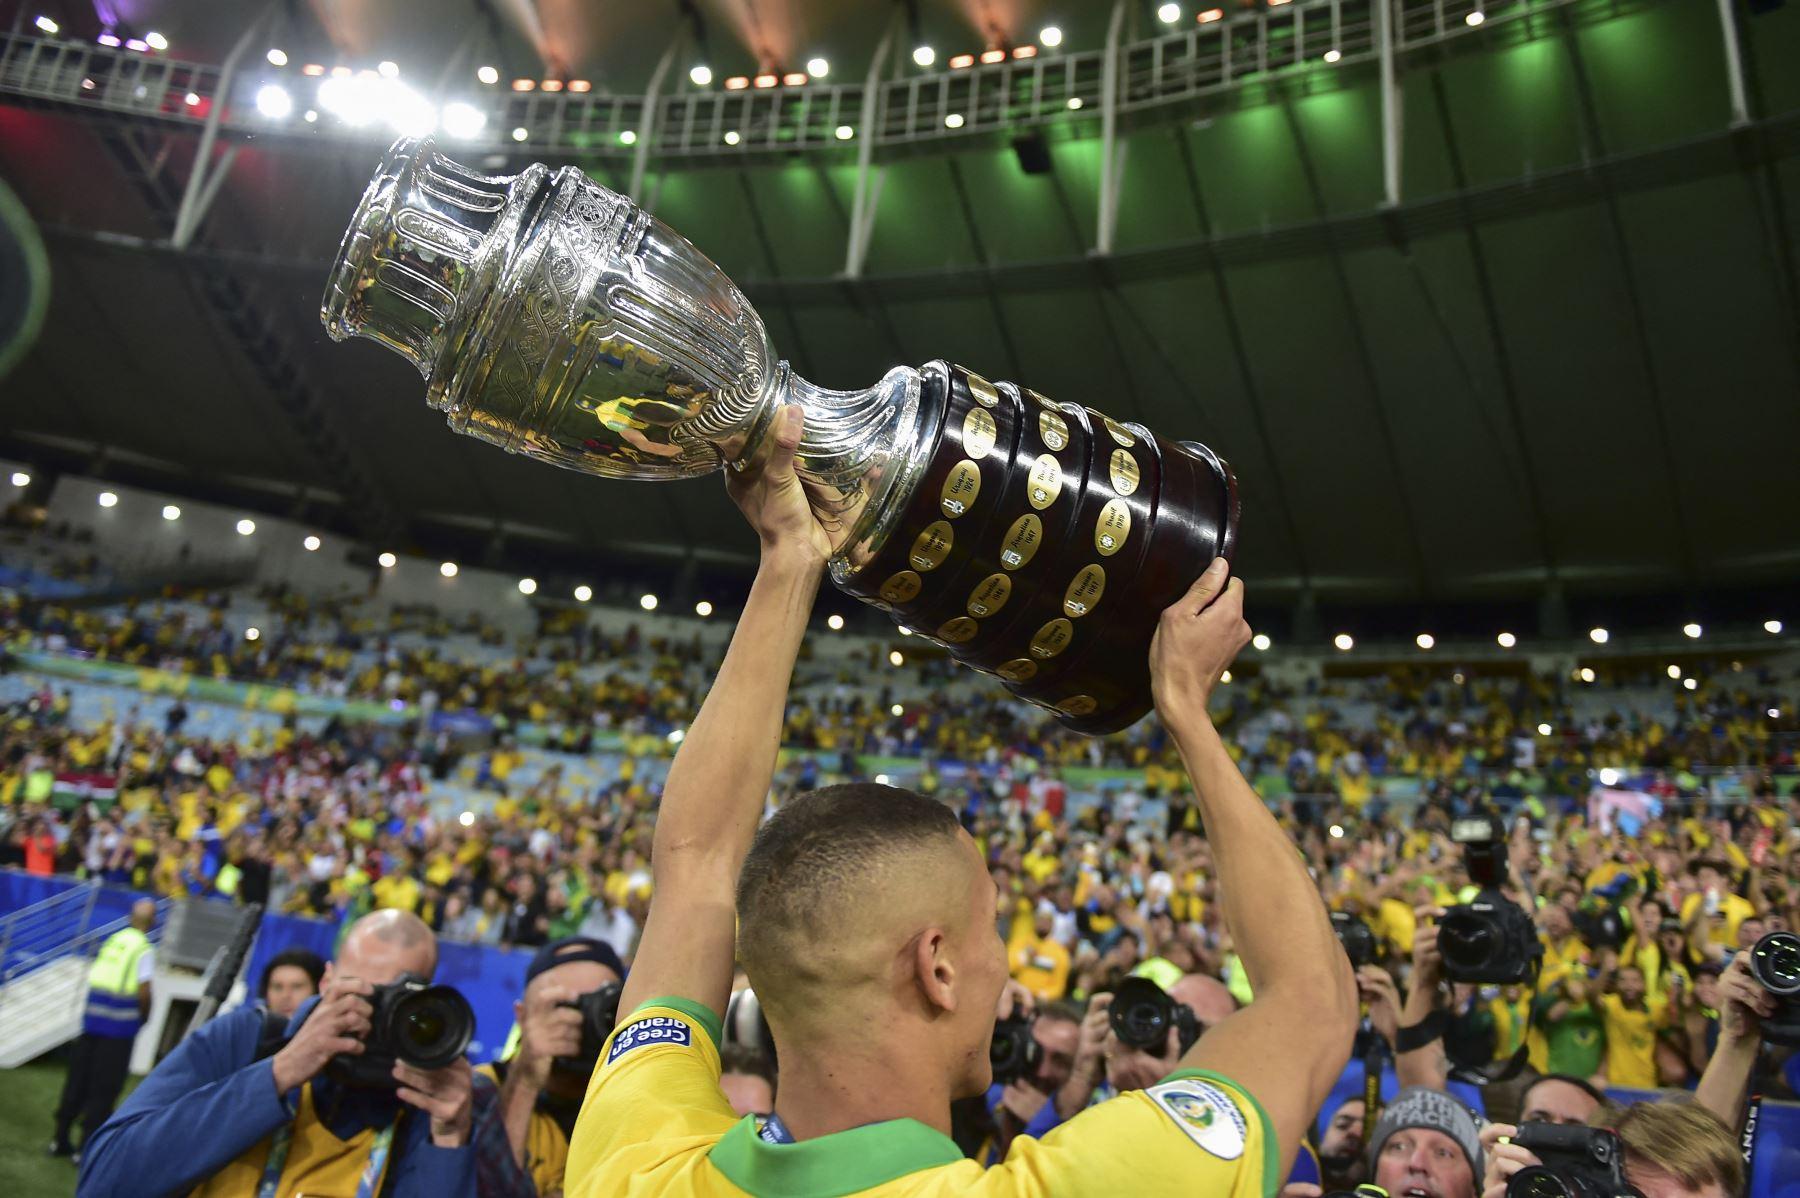 La Copa América rompe fuegos el domingo contra viento y marea